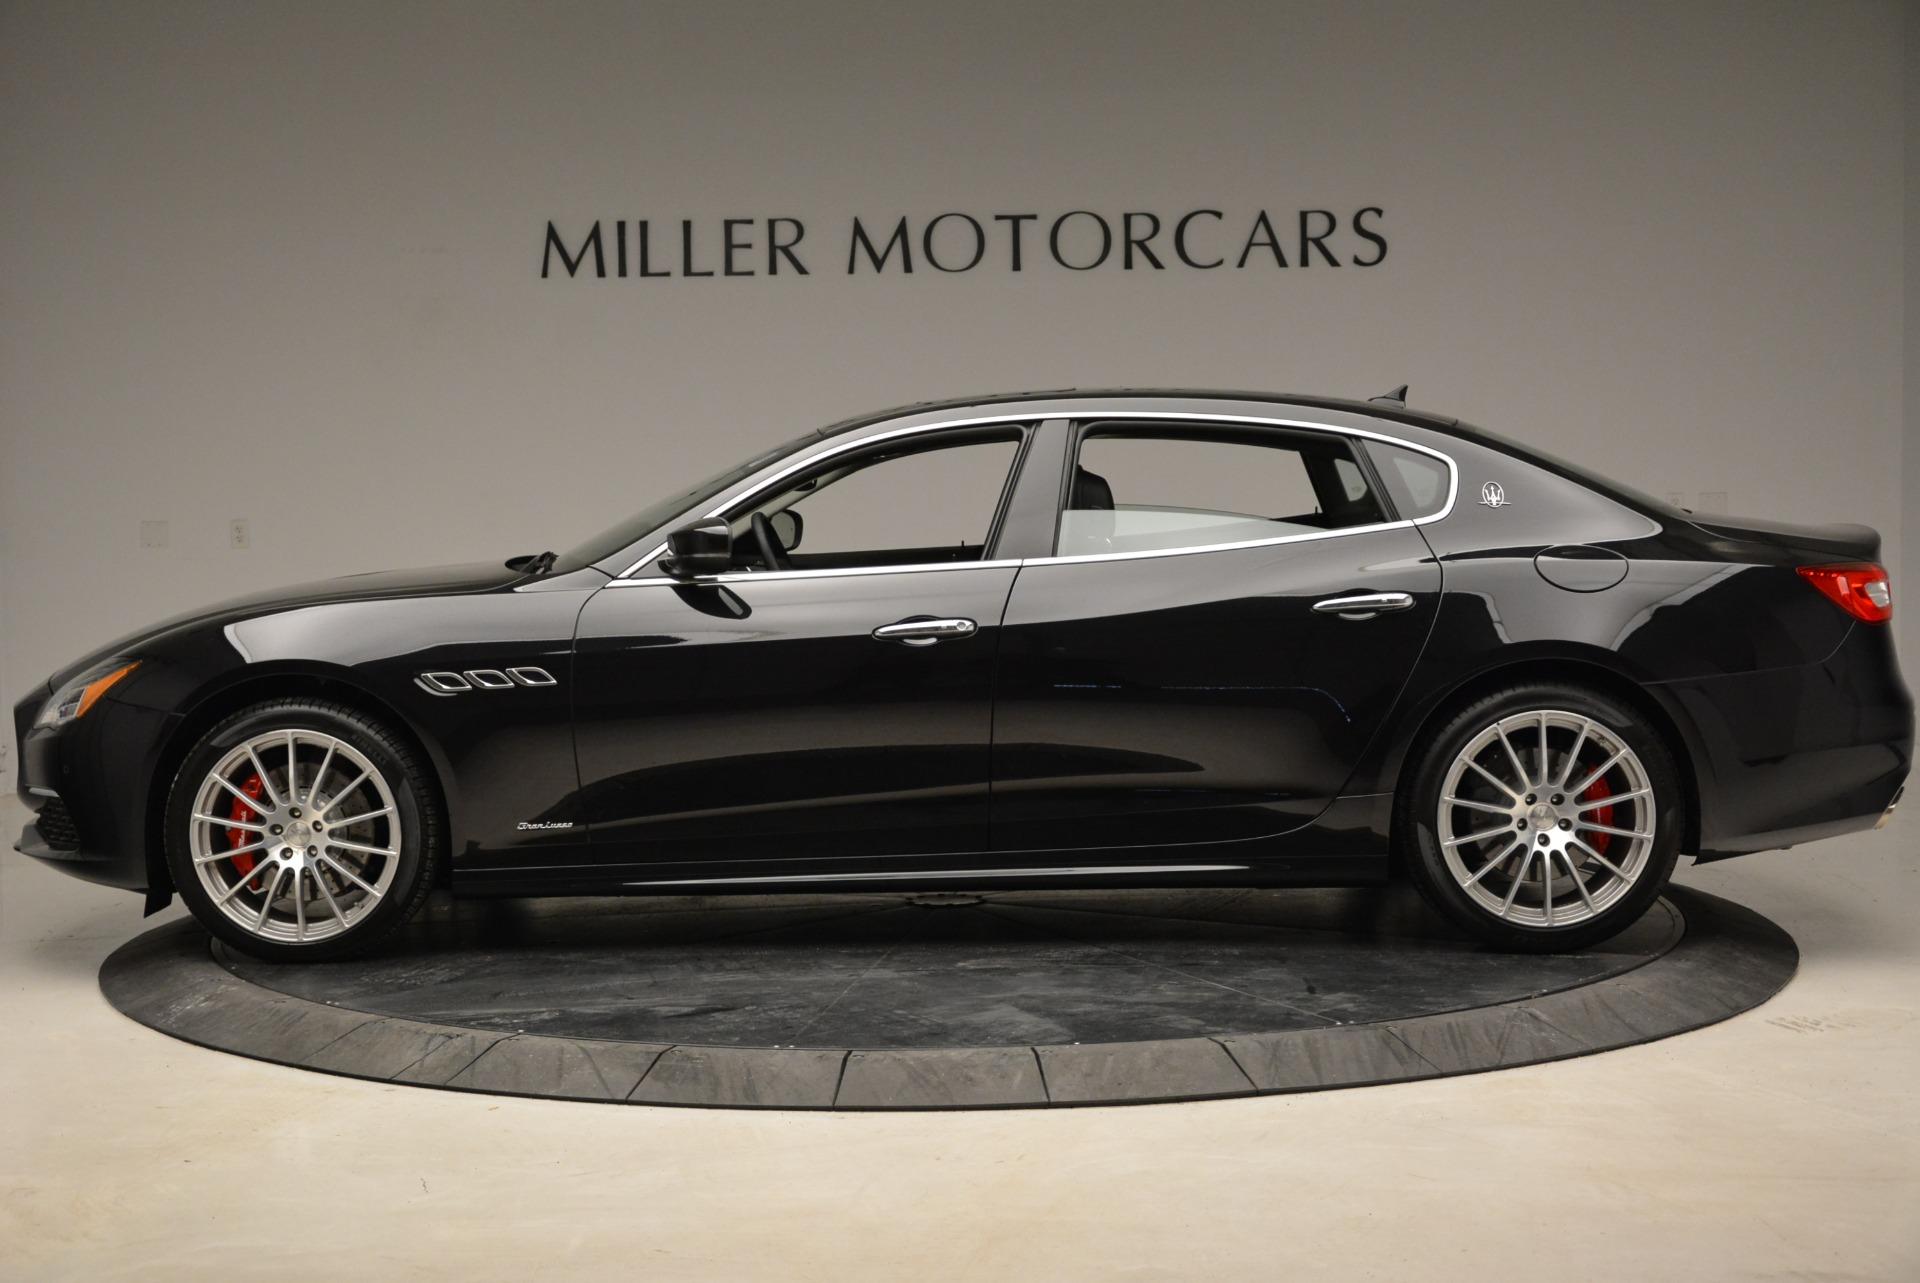 New 2018 Maserati Quattroporte S Q4 GranLusso For Sale In Greenwich, CT 1705_p3